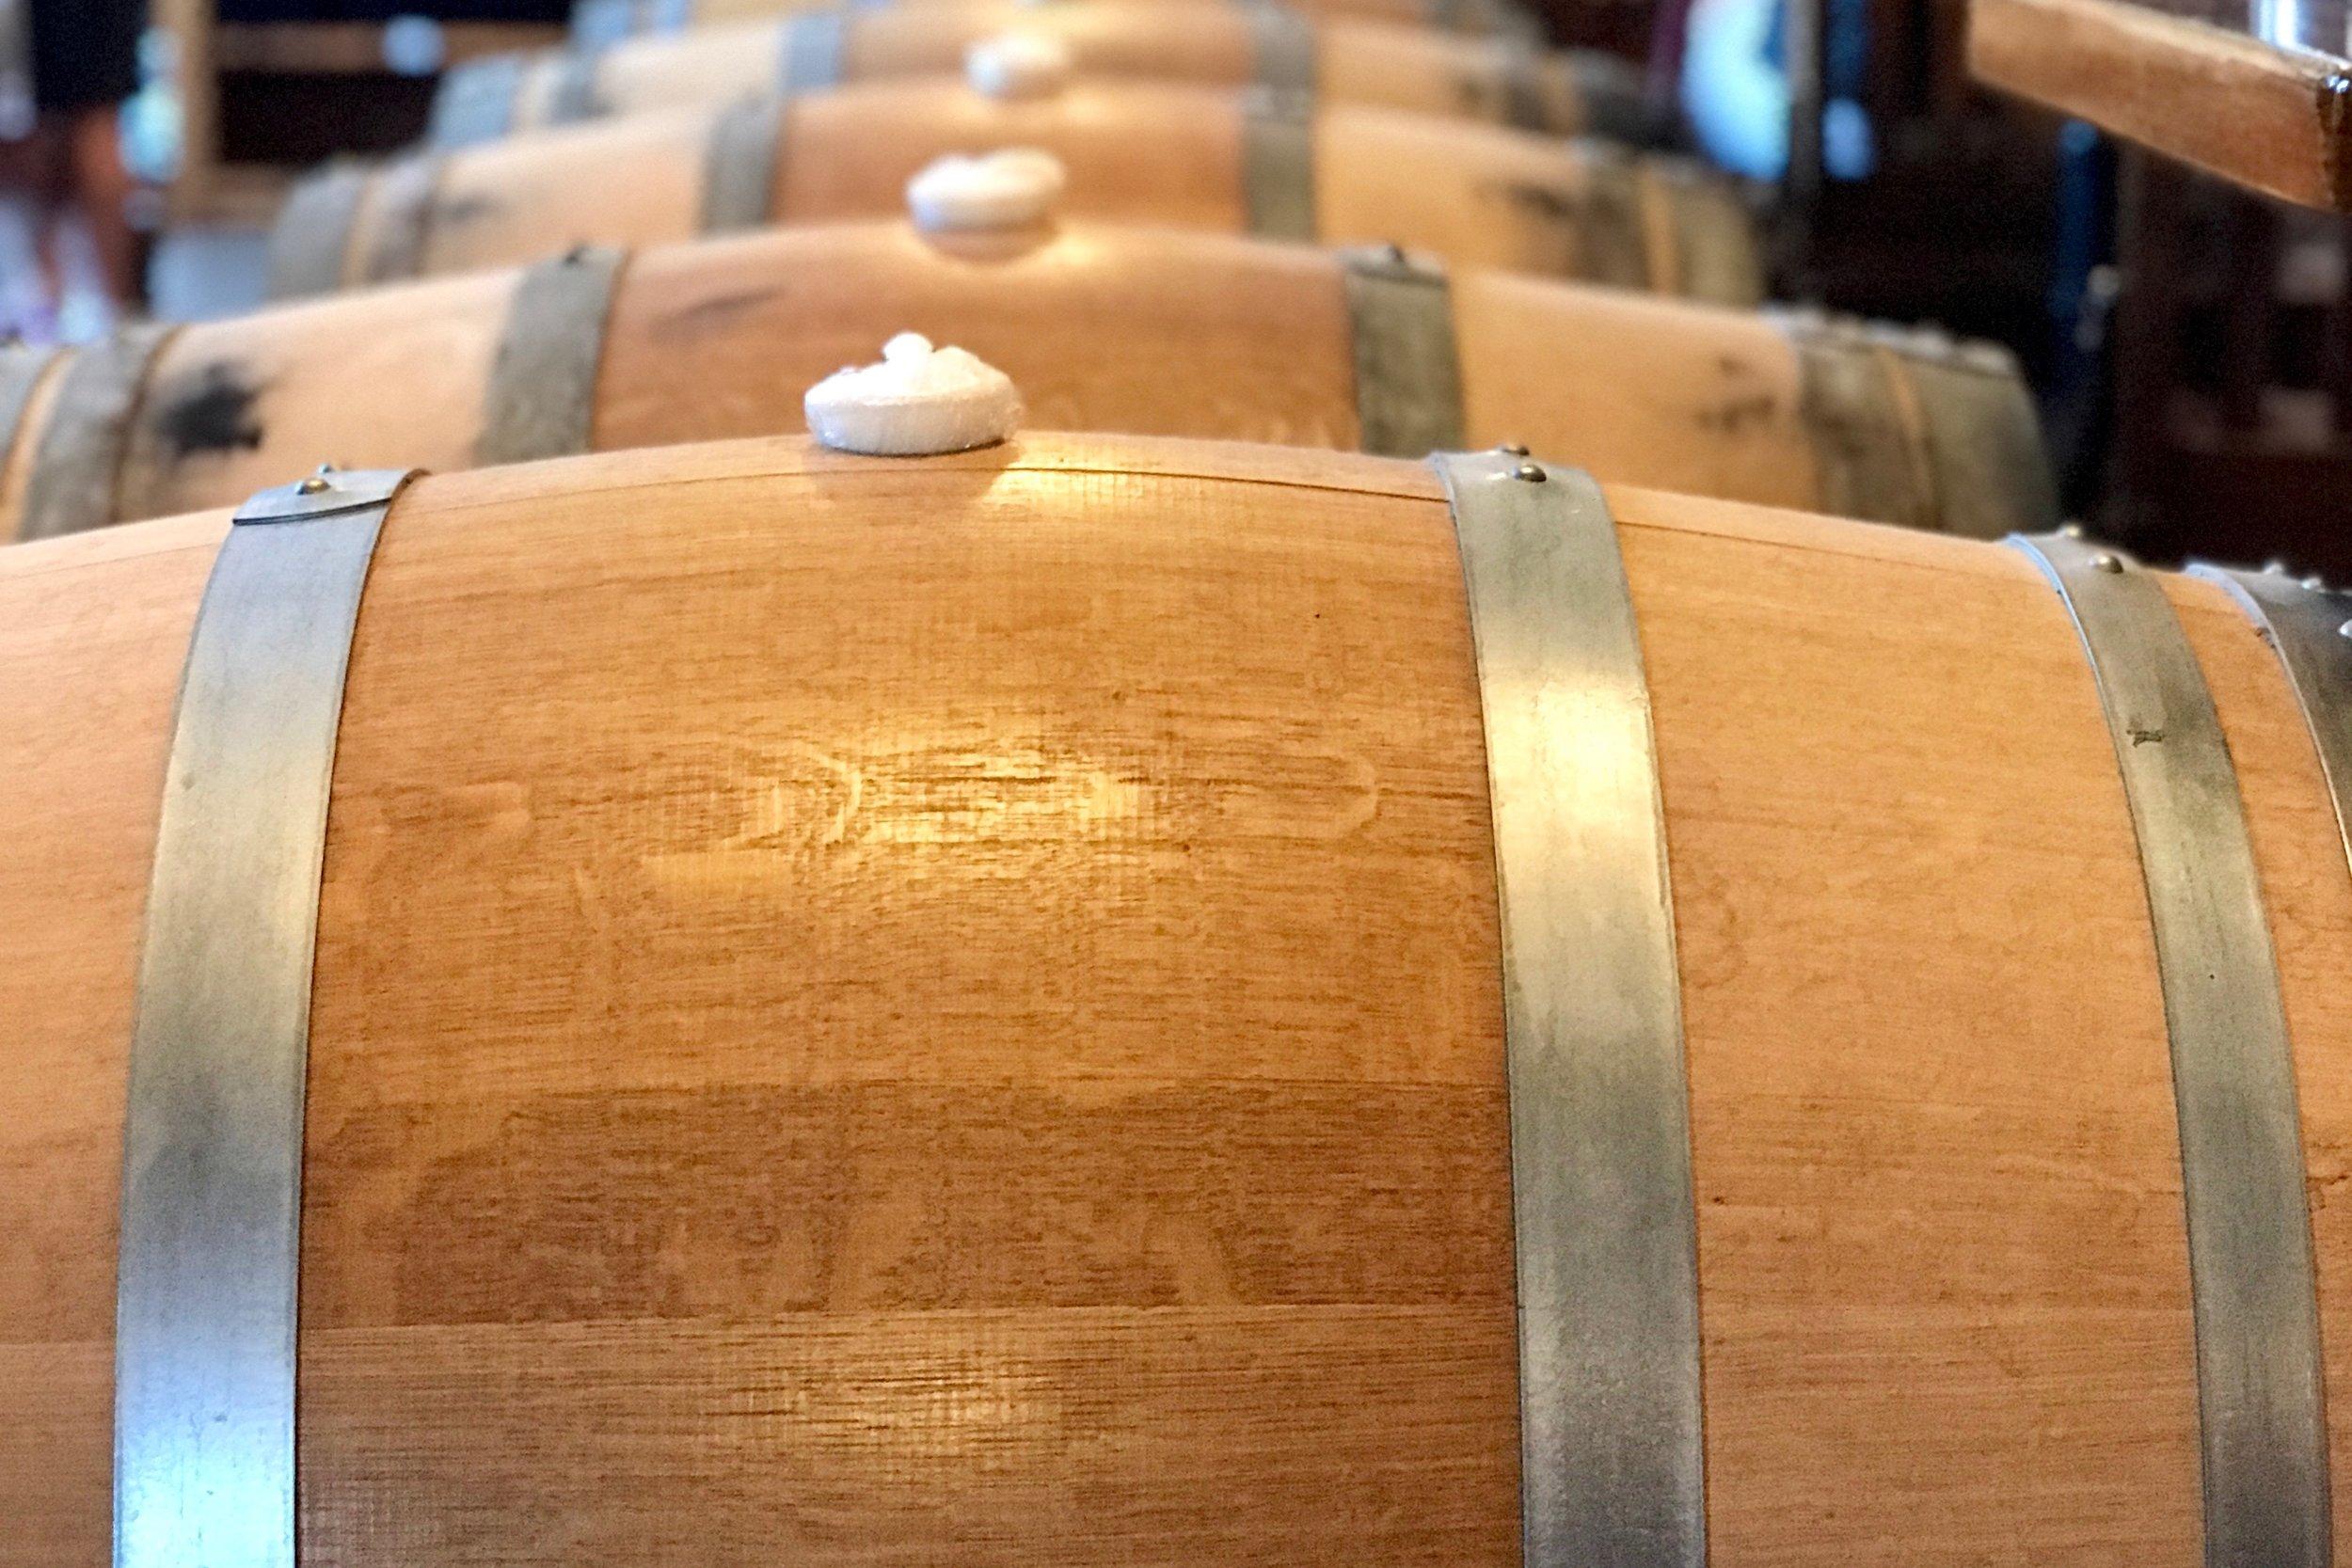 Southwind Vineyard & Winery